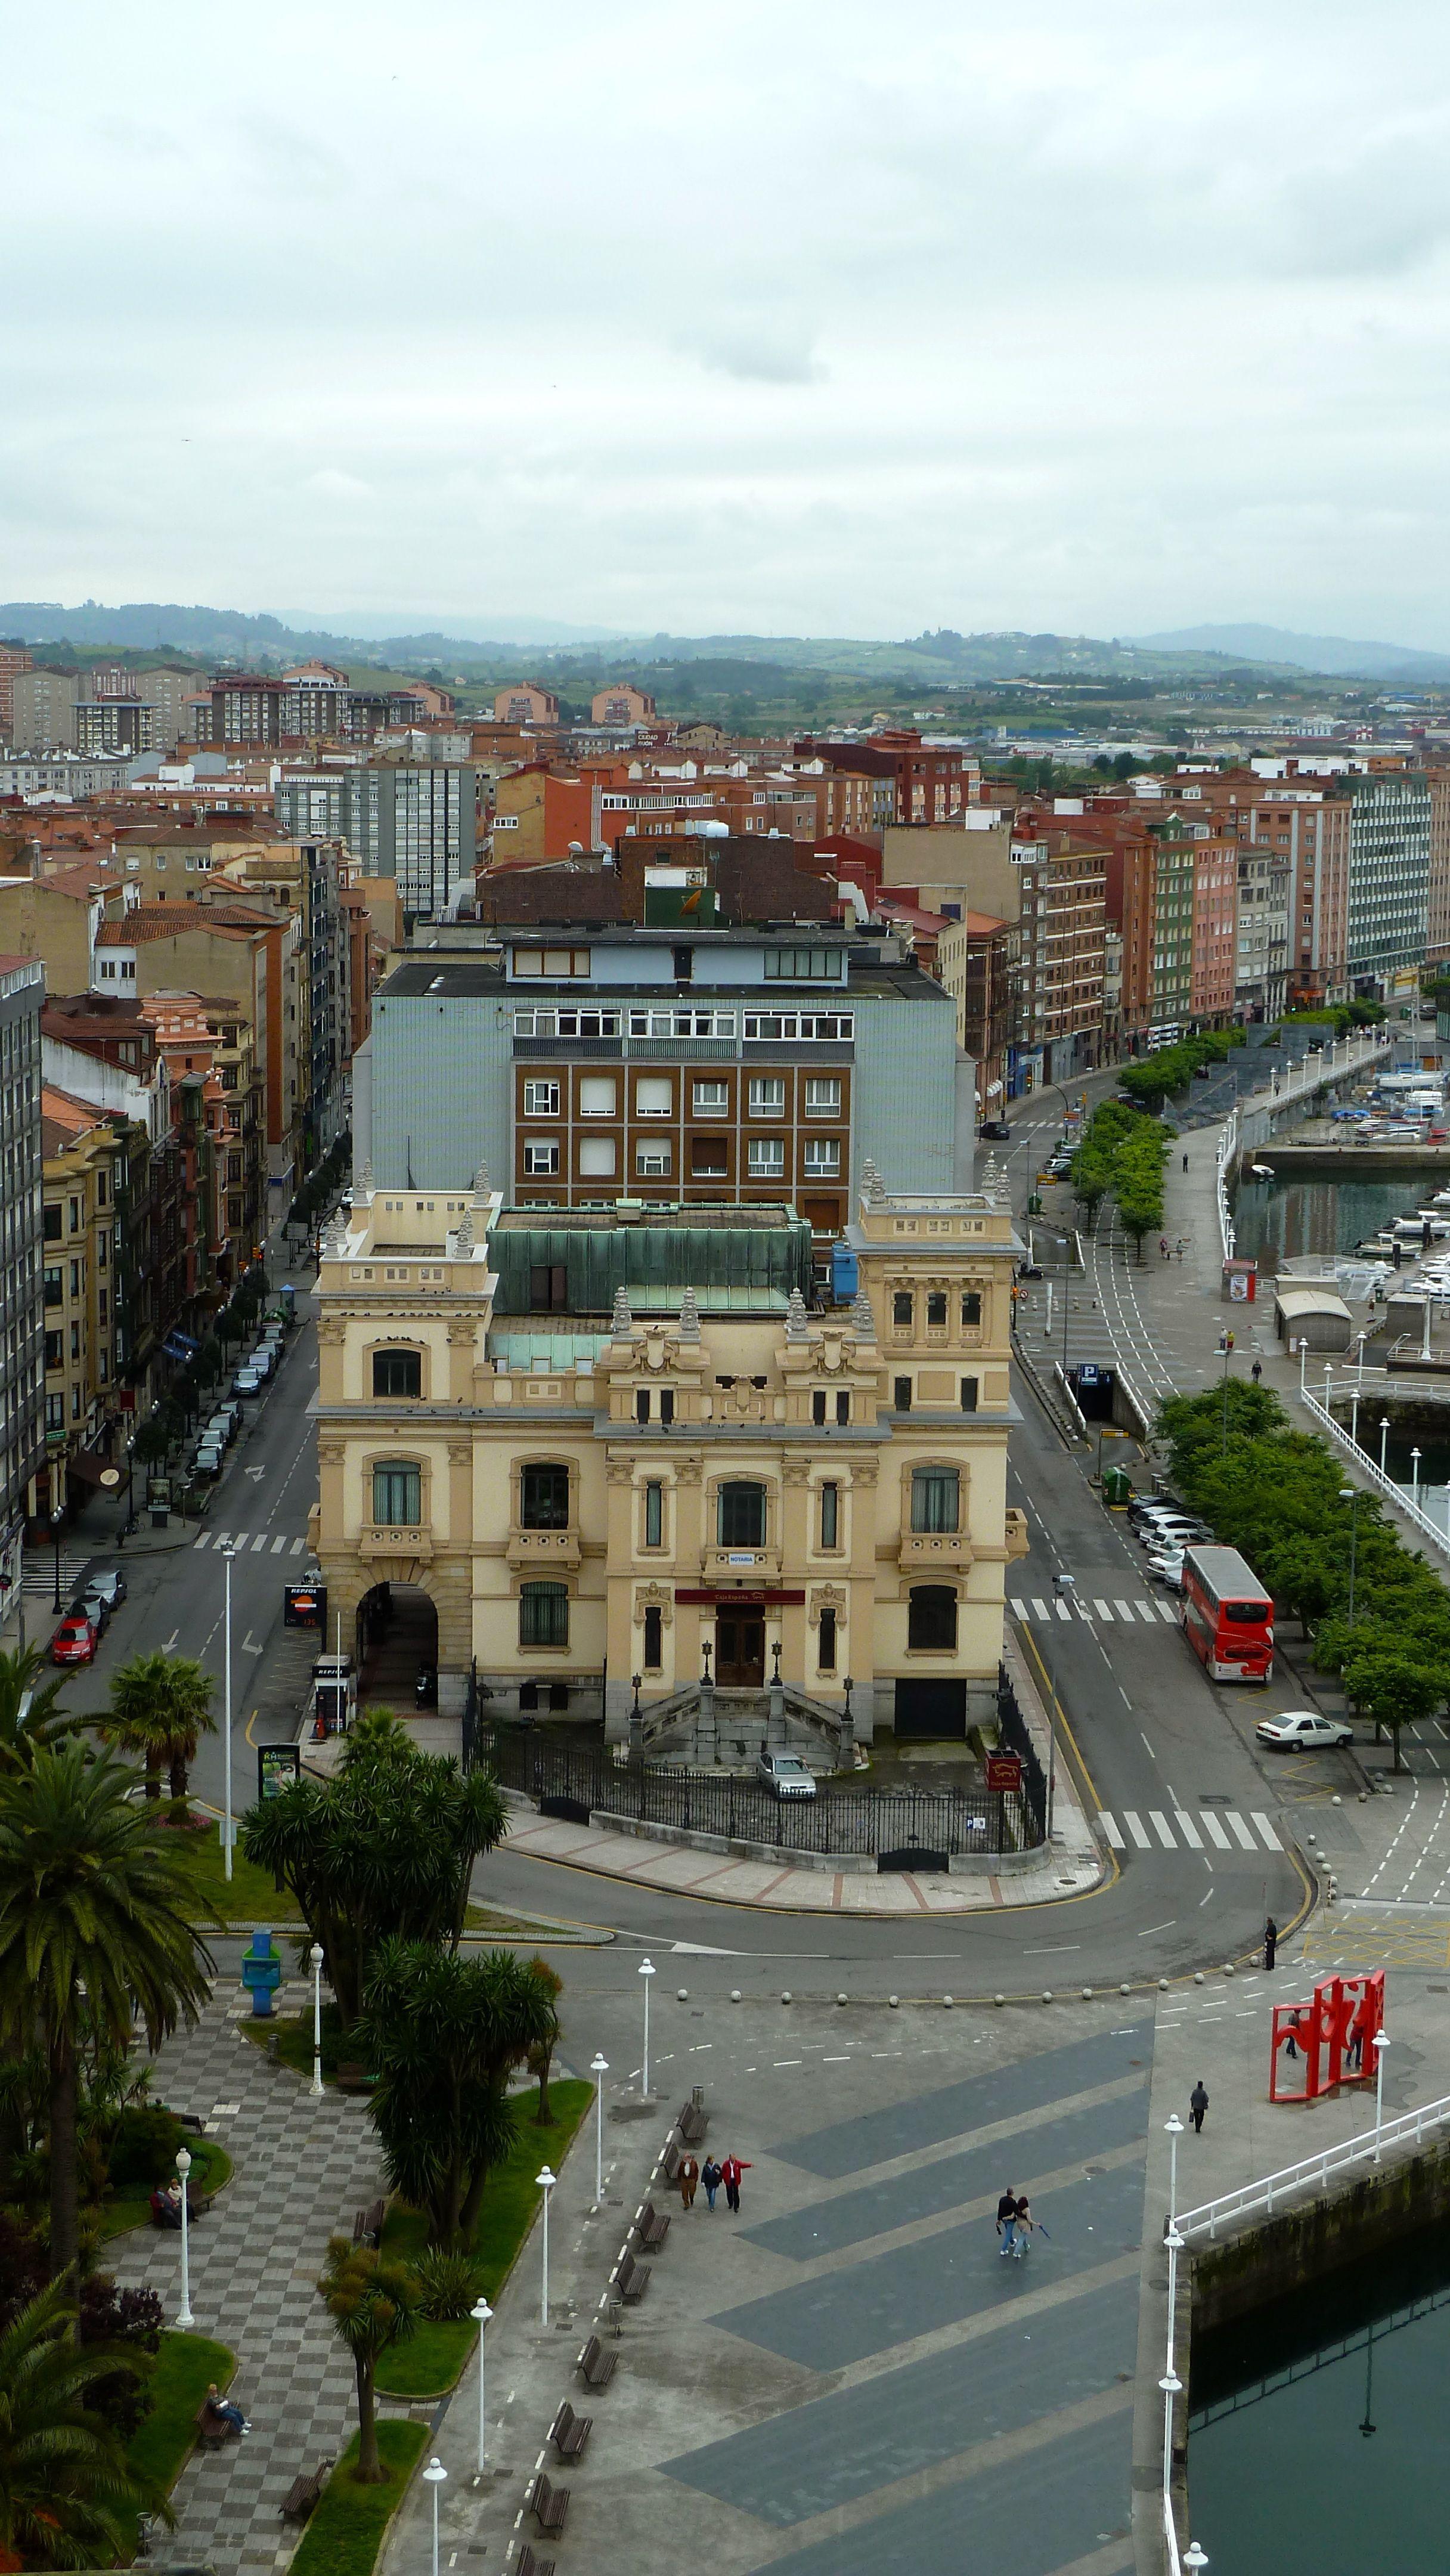 Jardines de la reina y banco urquijo en gij n asturias for Jardines de la reina gijon